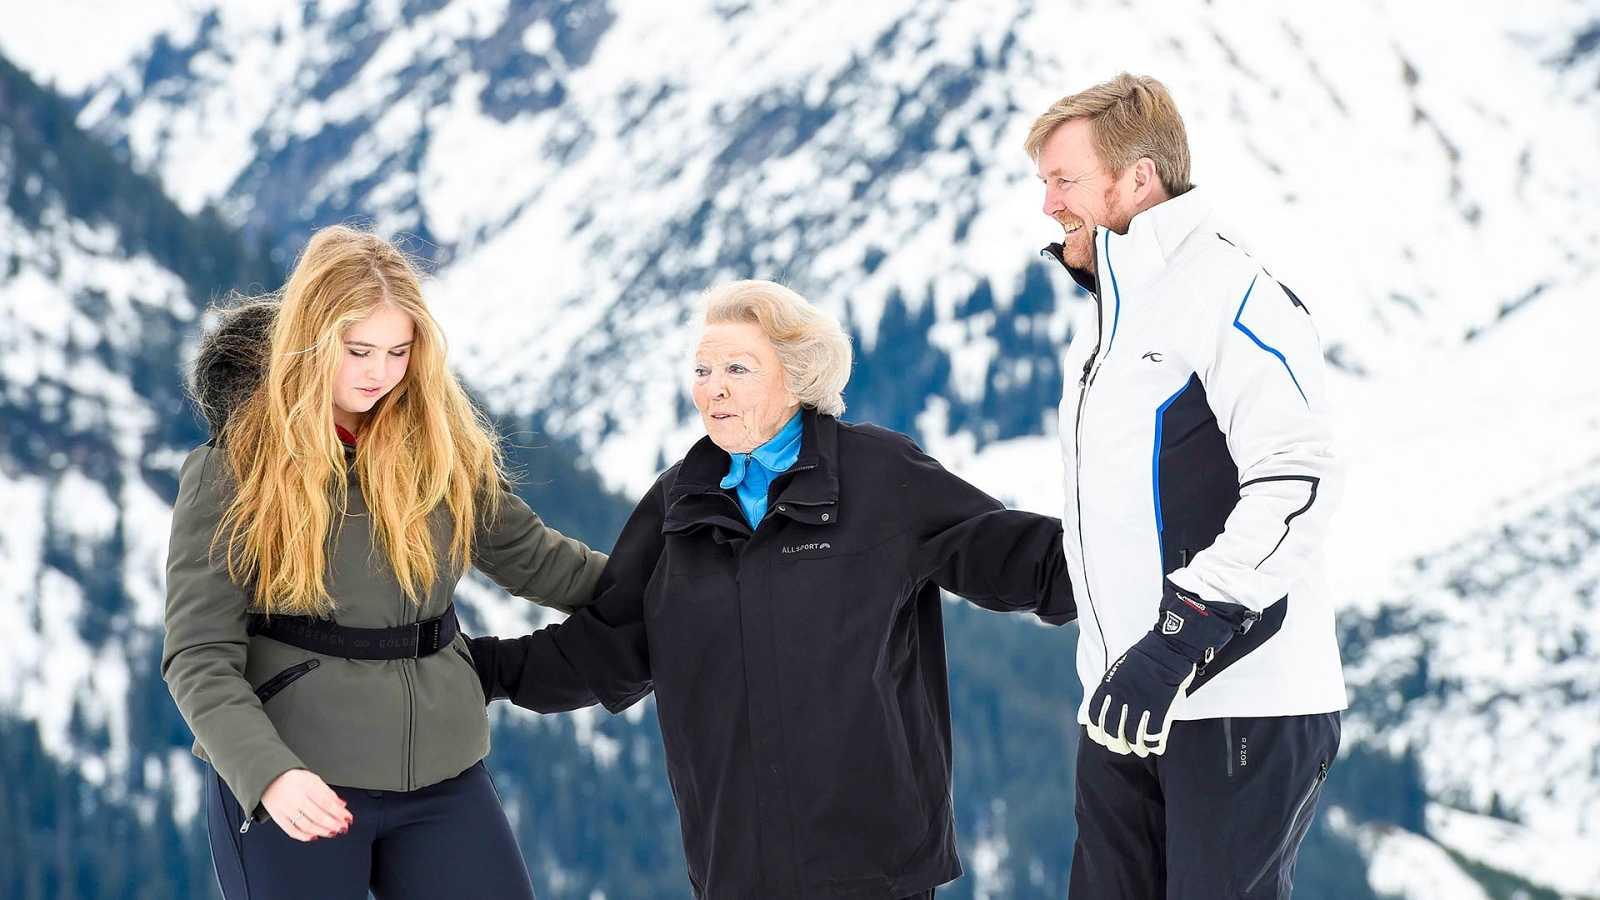 La reina emérita Beatriz de Holanda junto a su hijo Guillermo y la princesa Amalia